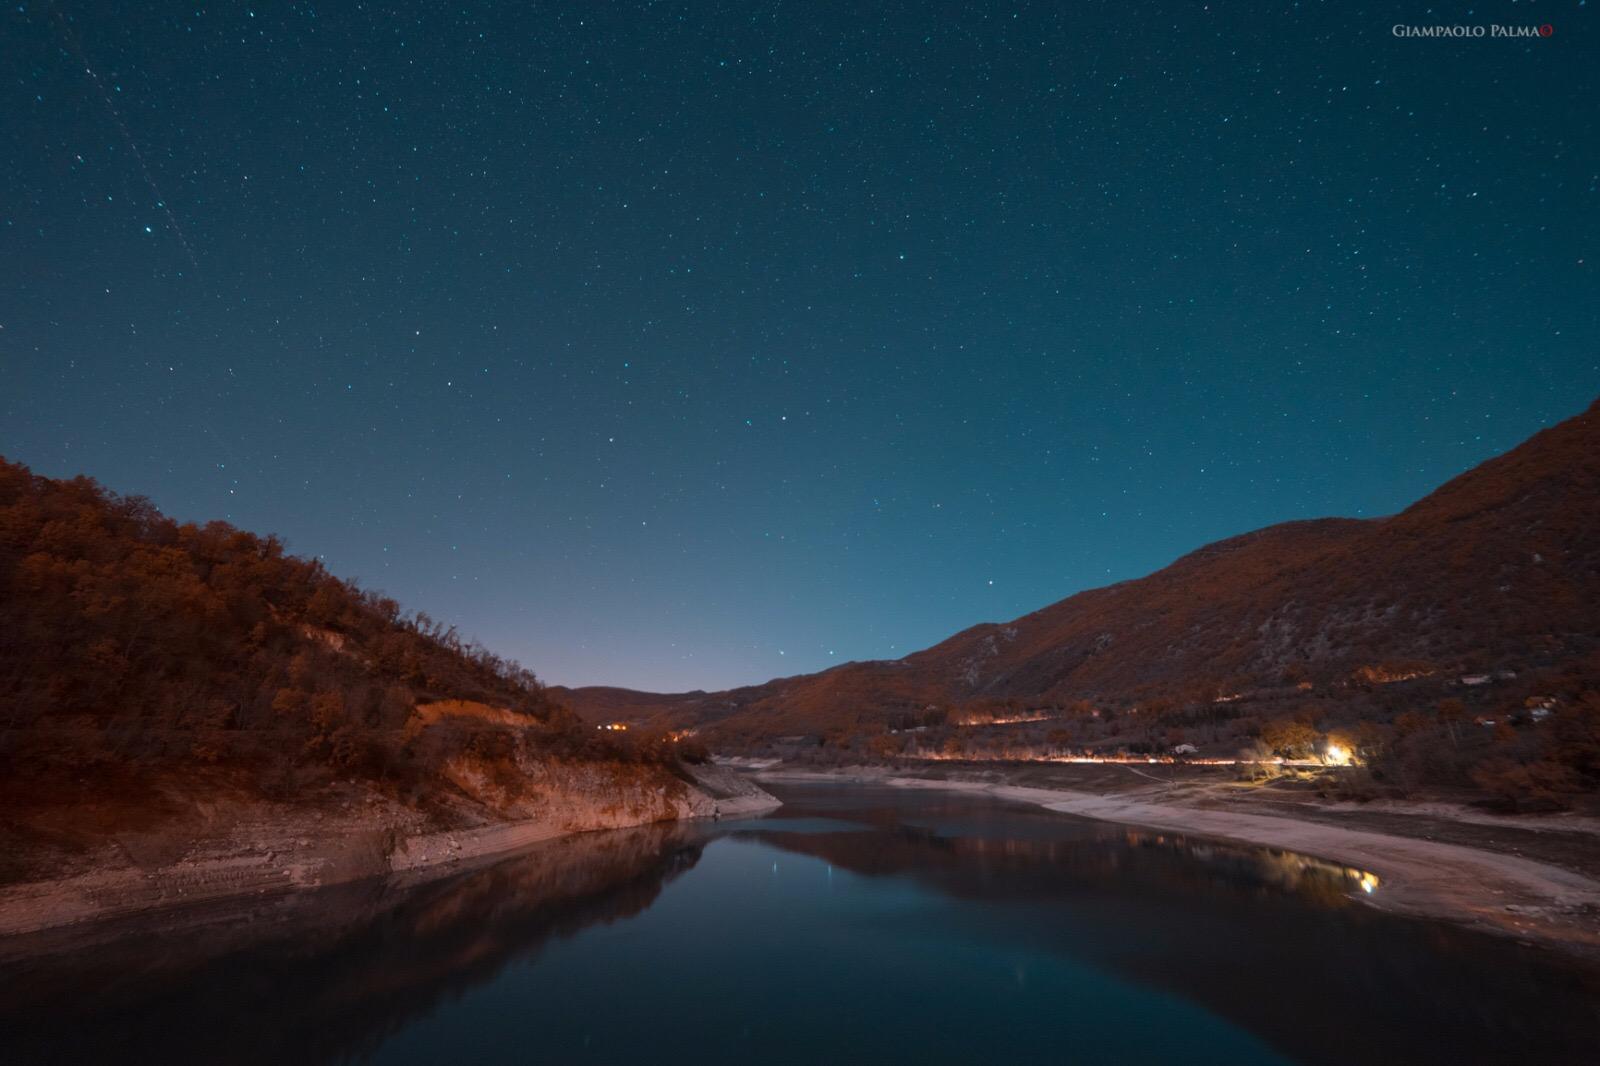 Lago in notturna dal ponte di Ascrea